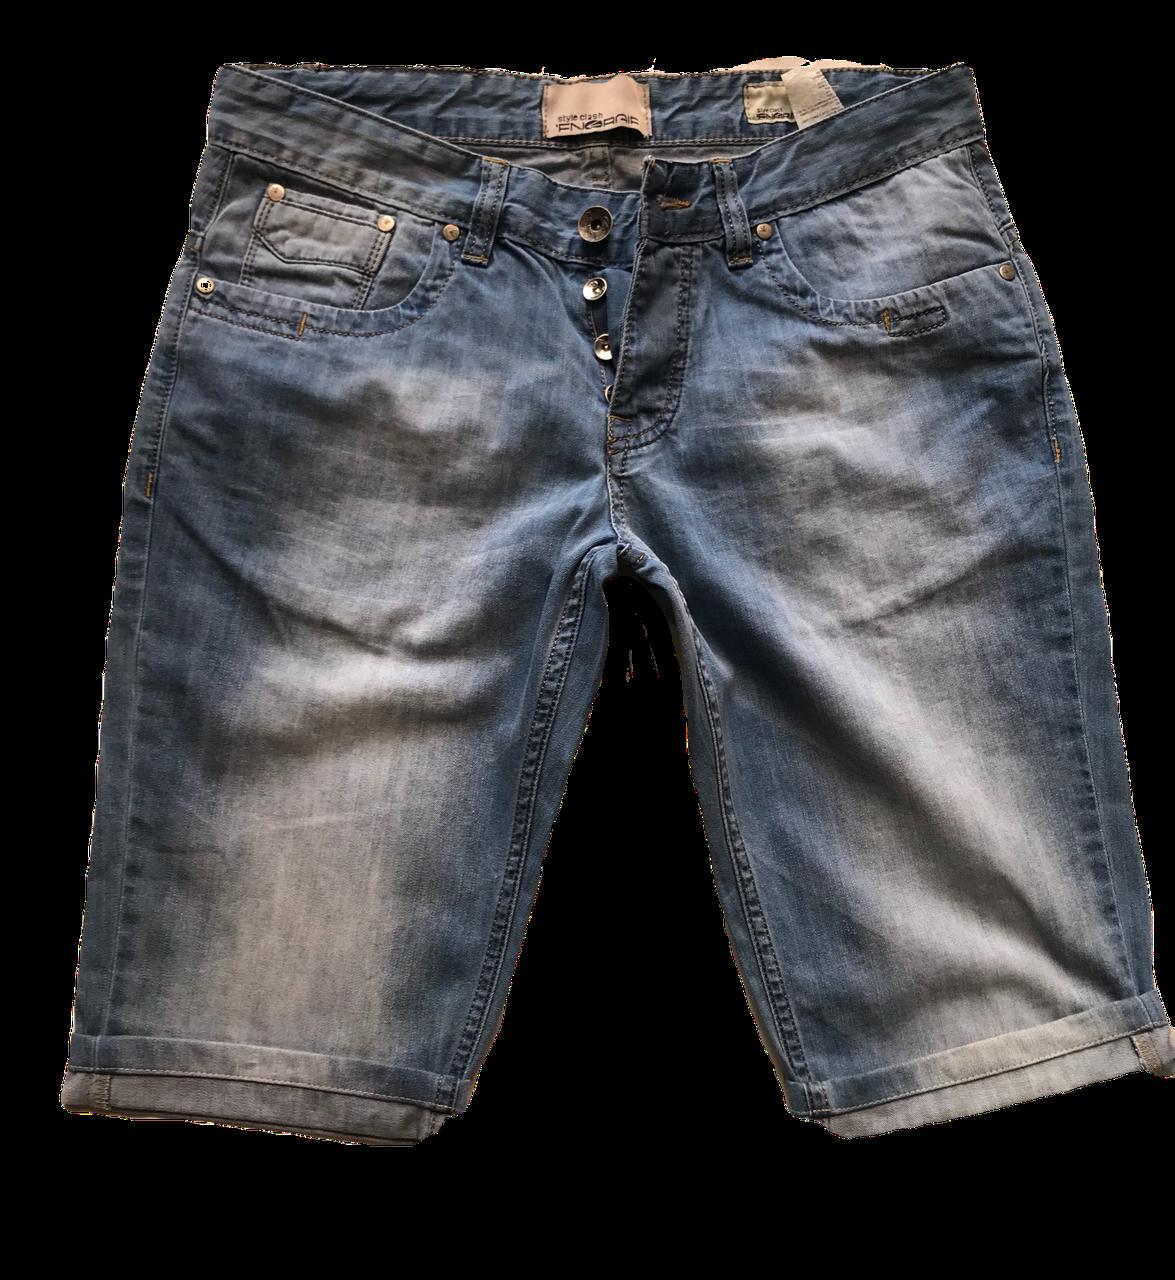 Шорты мужские джинсовые ENERGY 9004 синие